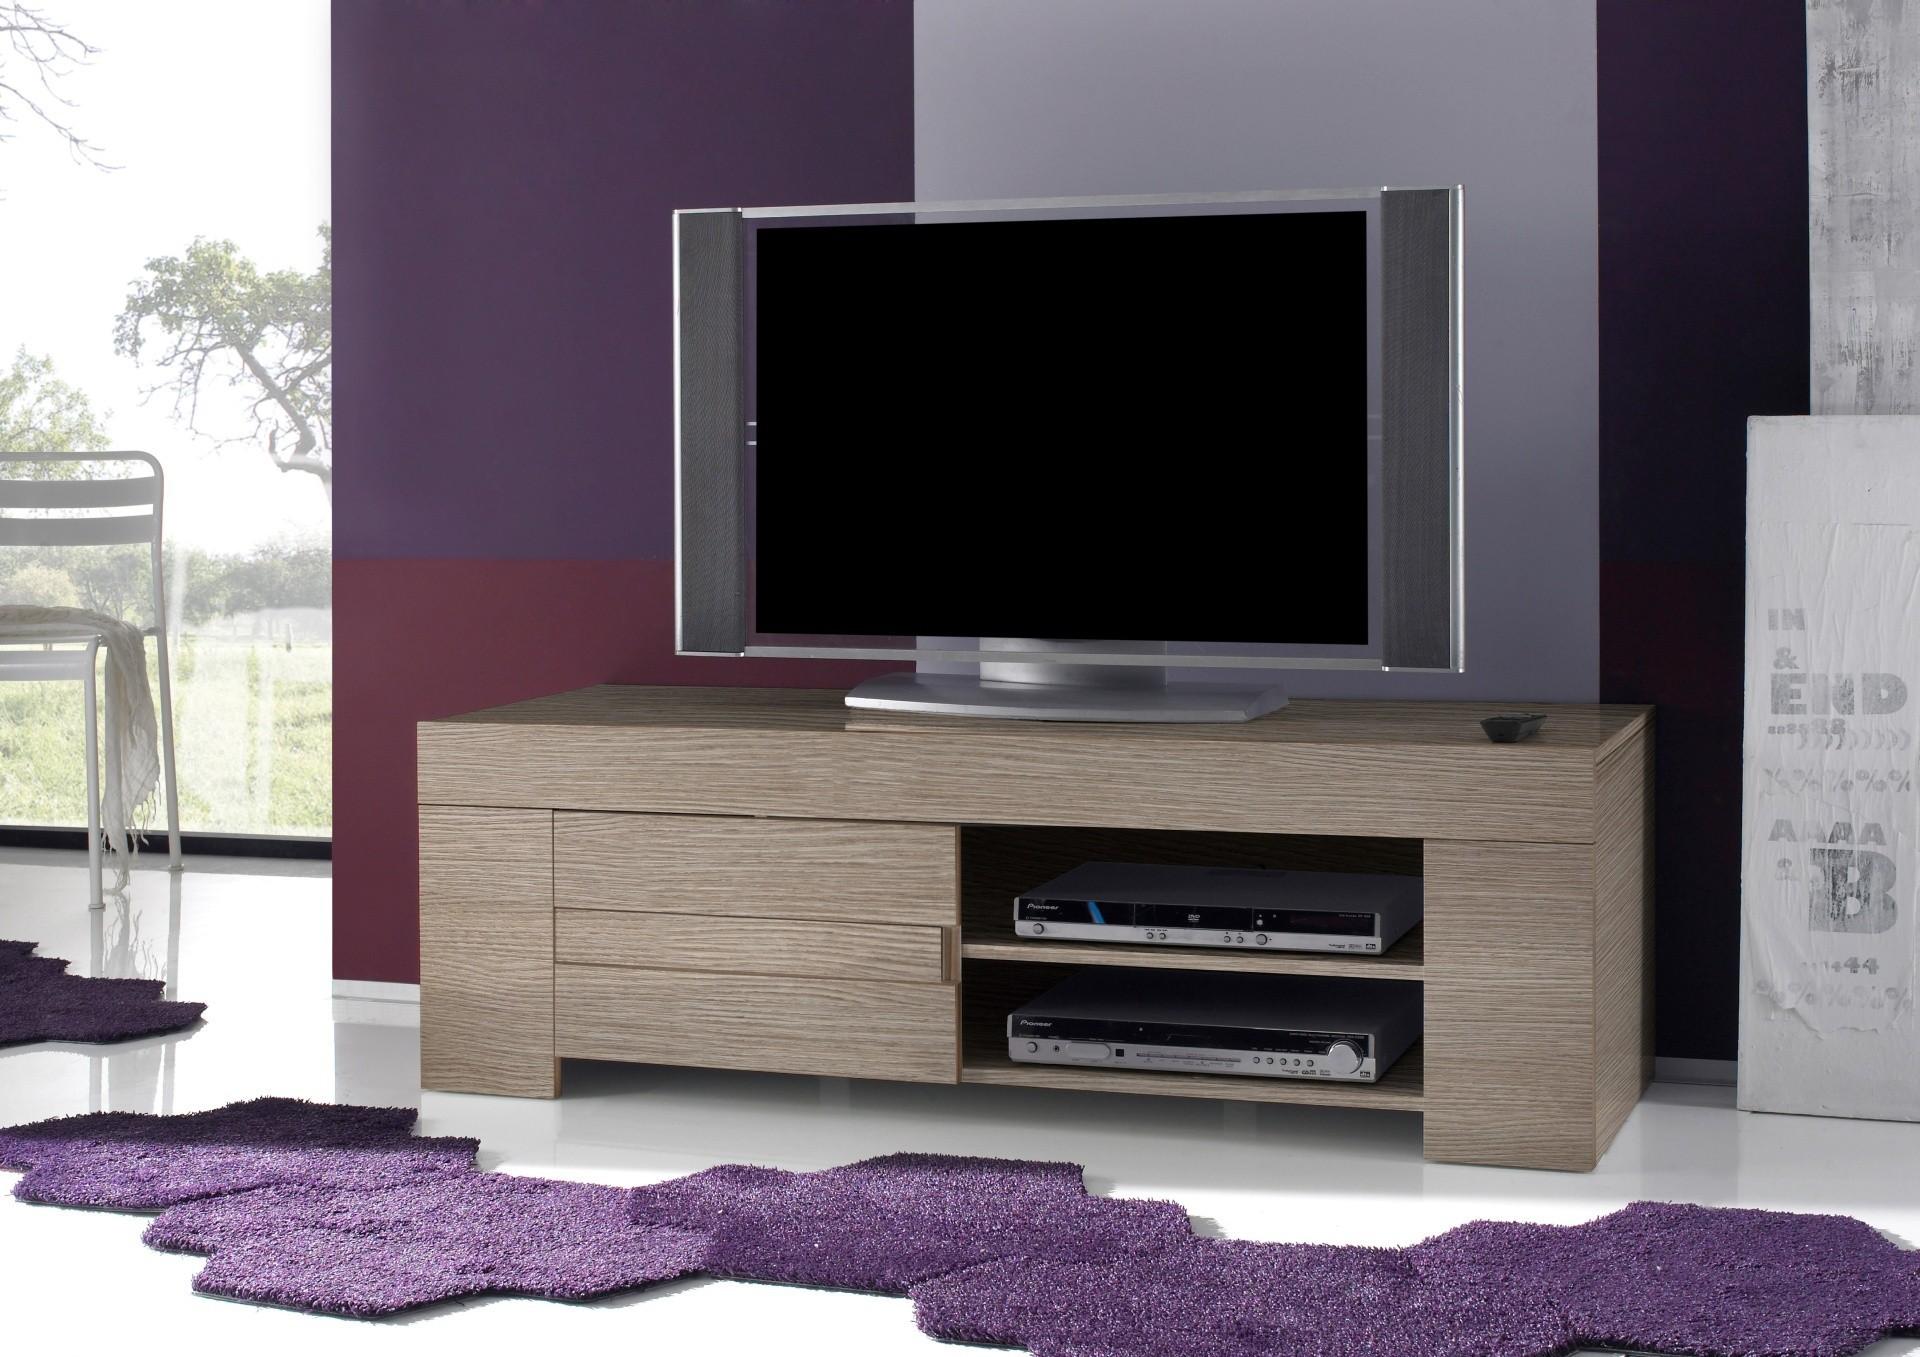 Meuble Tv Noyer 1 Portes 1 Niche Fabriqu En Italie # Meuble Tv Violet